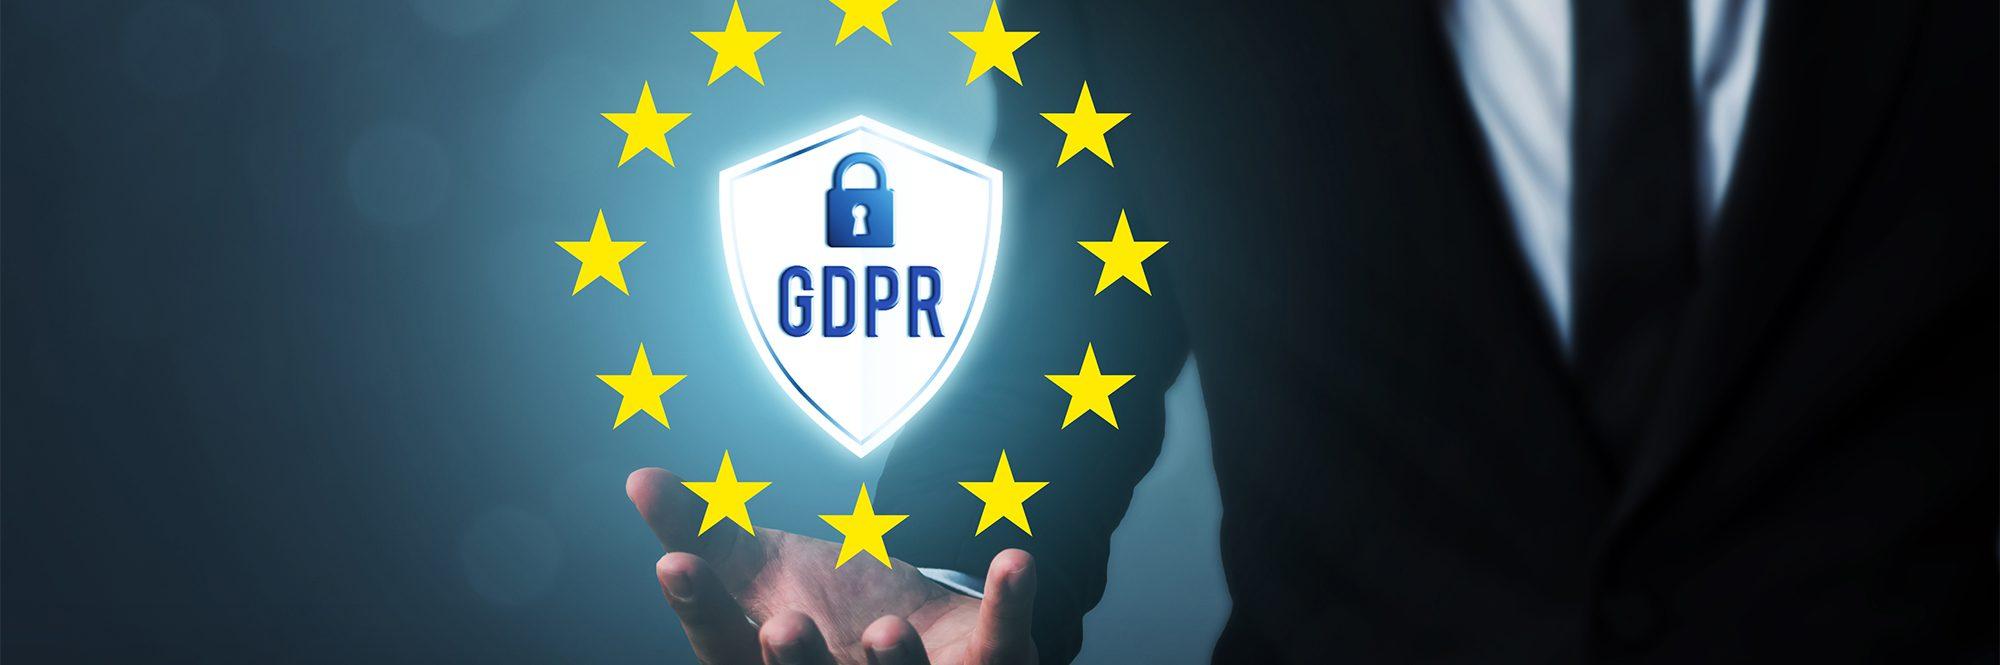 GDPR: conosci i punti e i ruoli chiave?